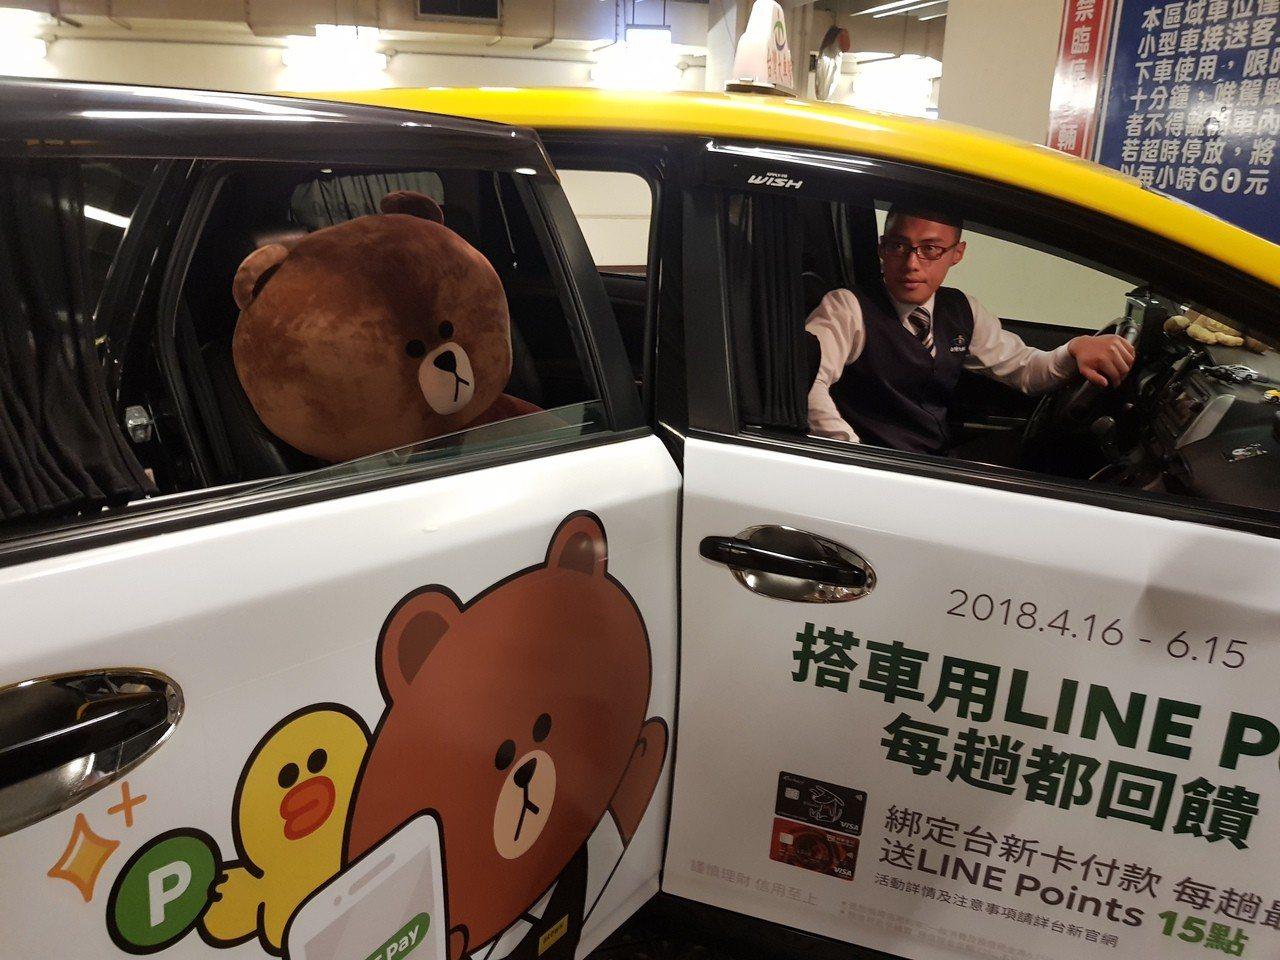 台灣大車隊今年4月起新增LINE pay功能,即日起到6月15日,消費後獲得的點...